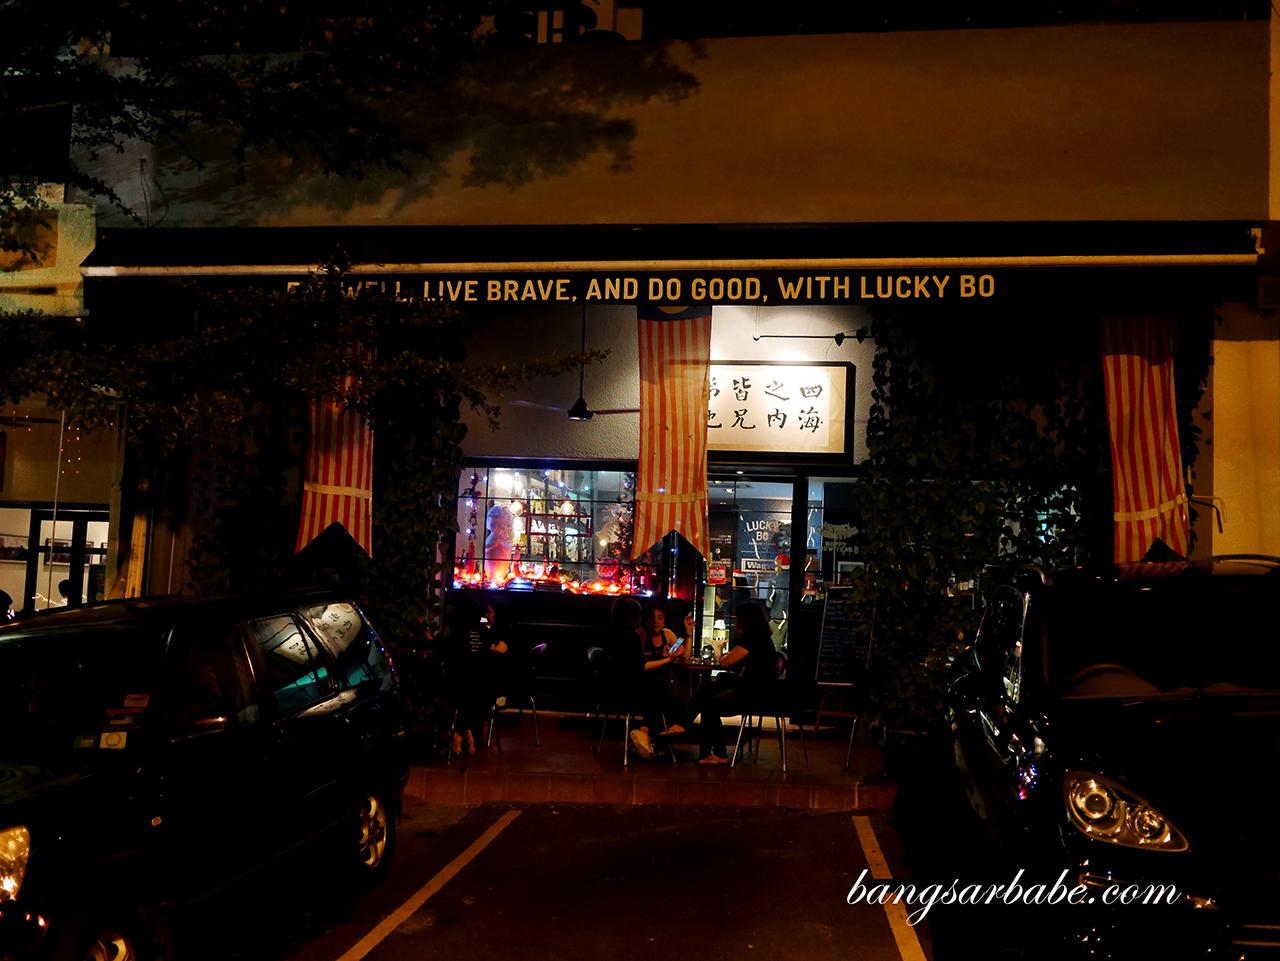 Lucky Bo Bangsar